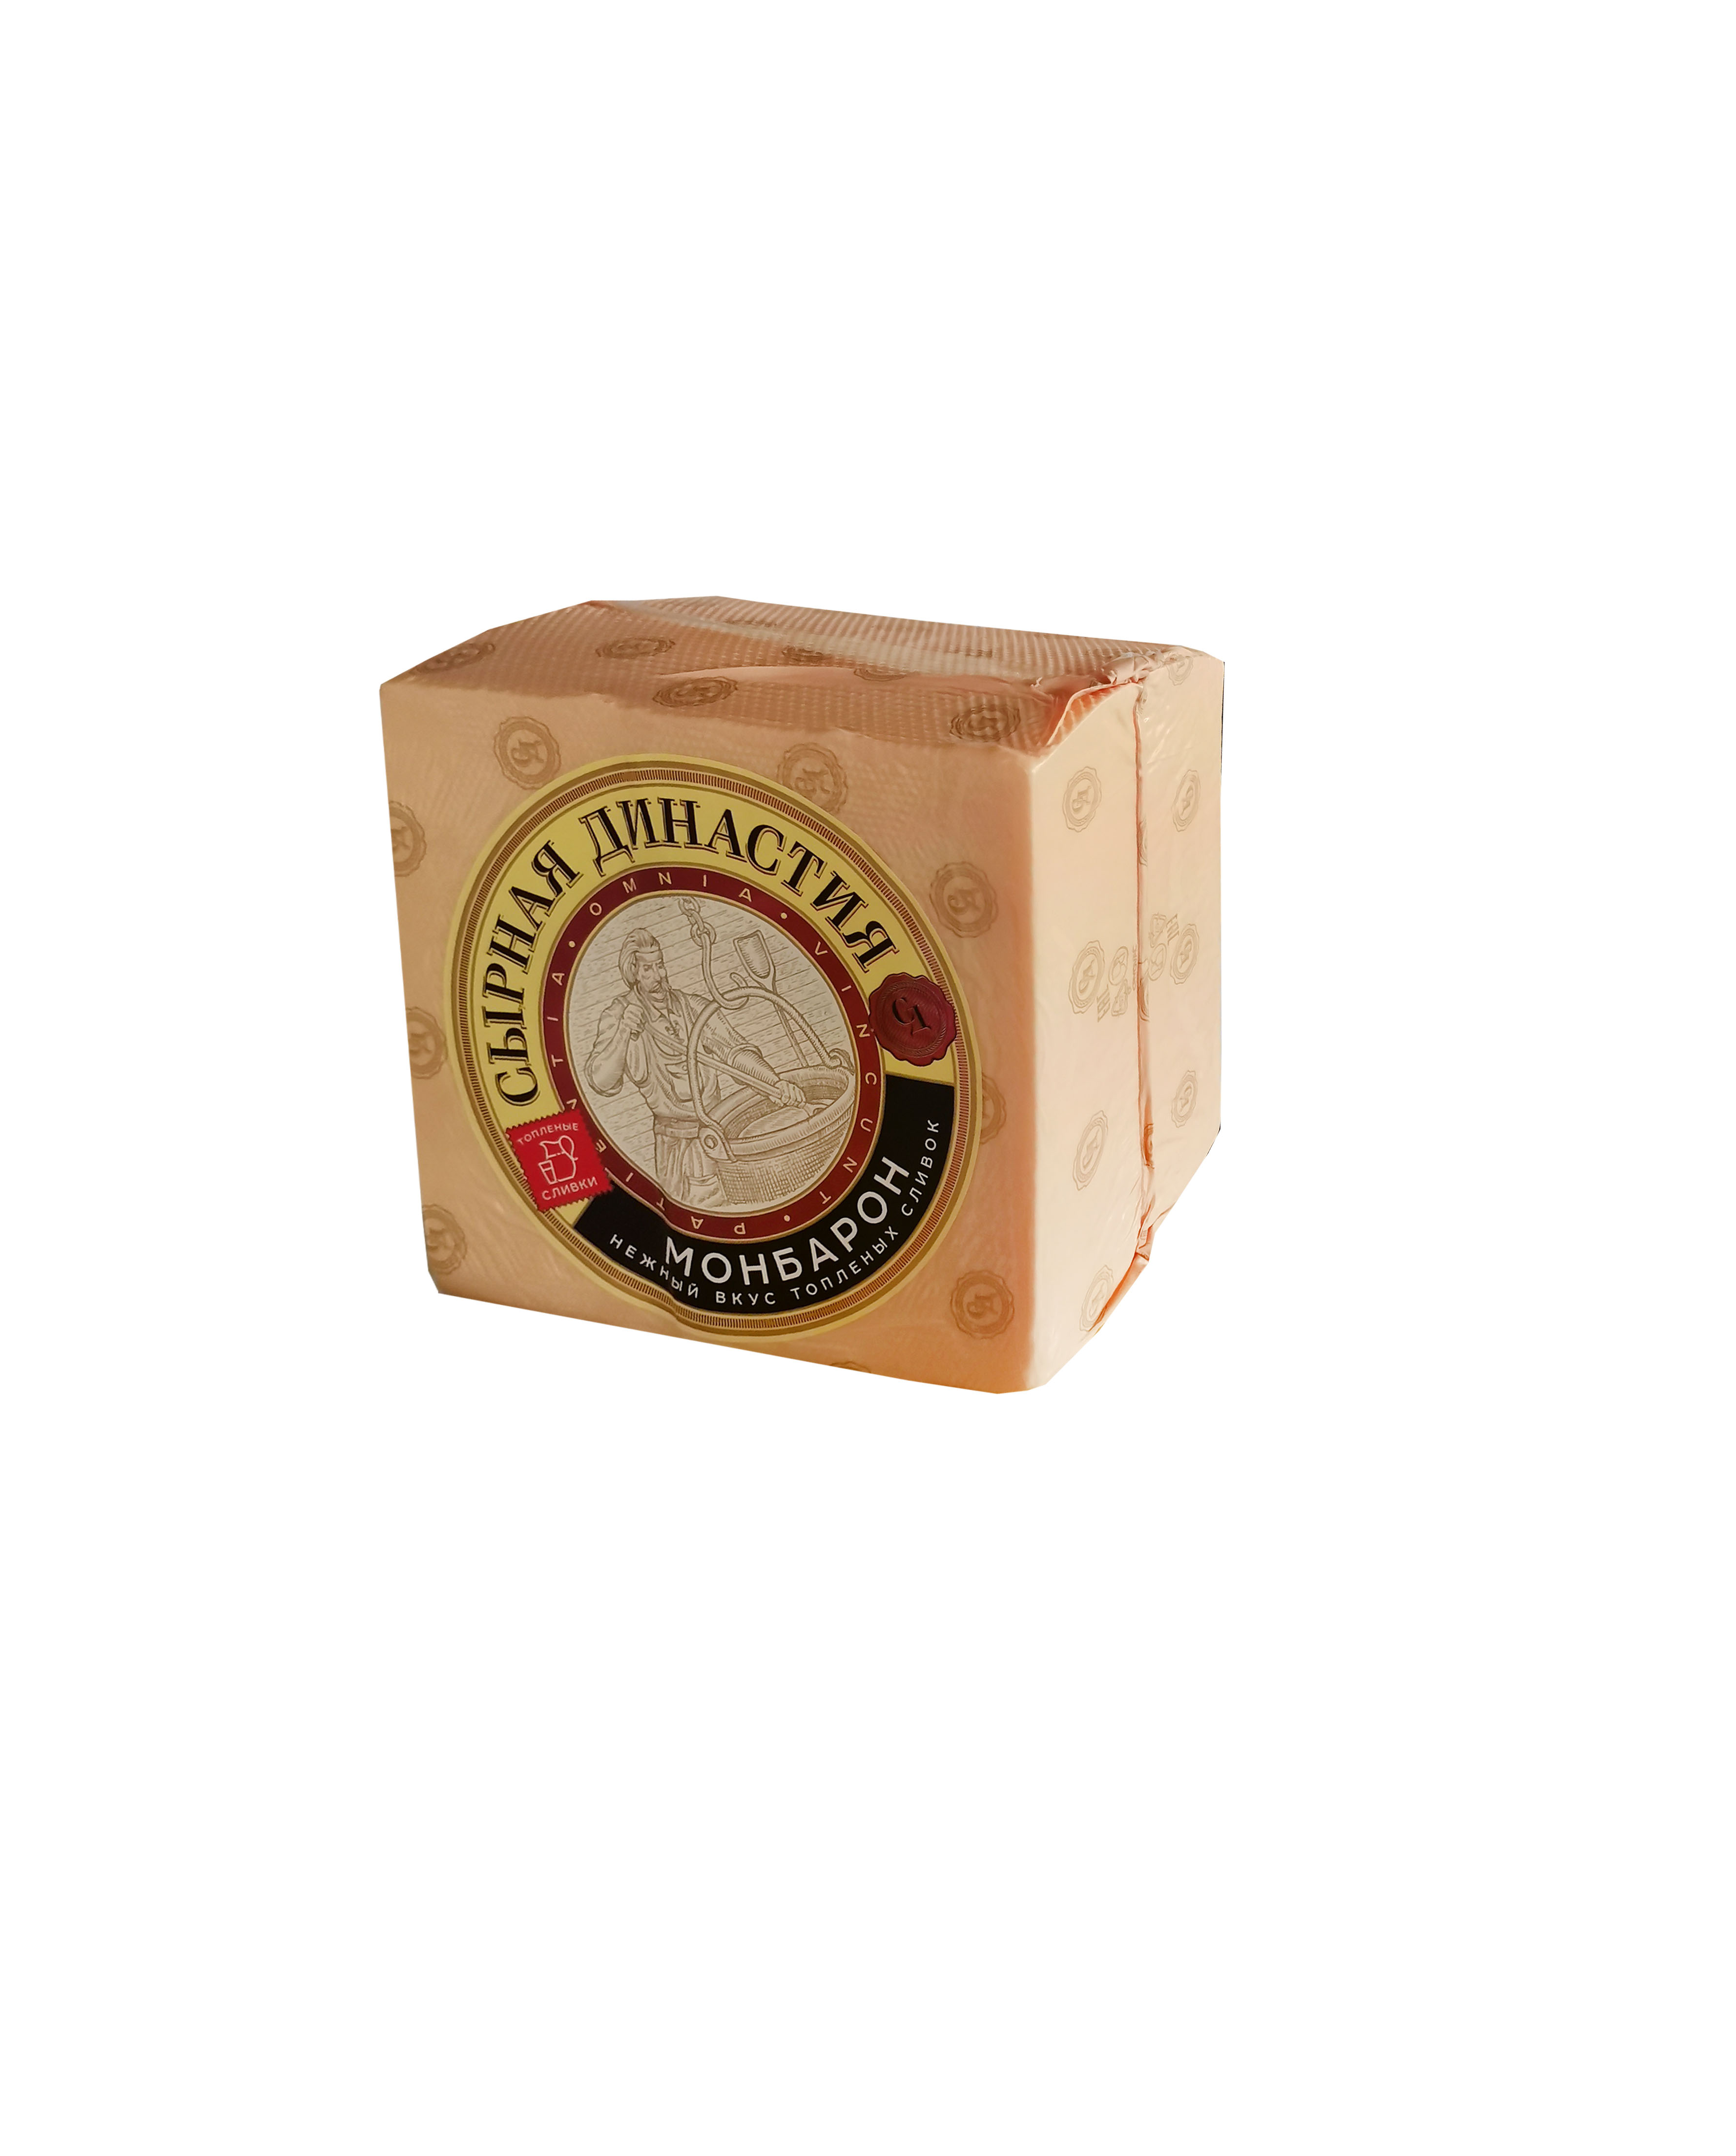 Монбарон (Пружаны) кубик